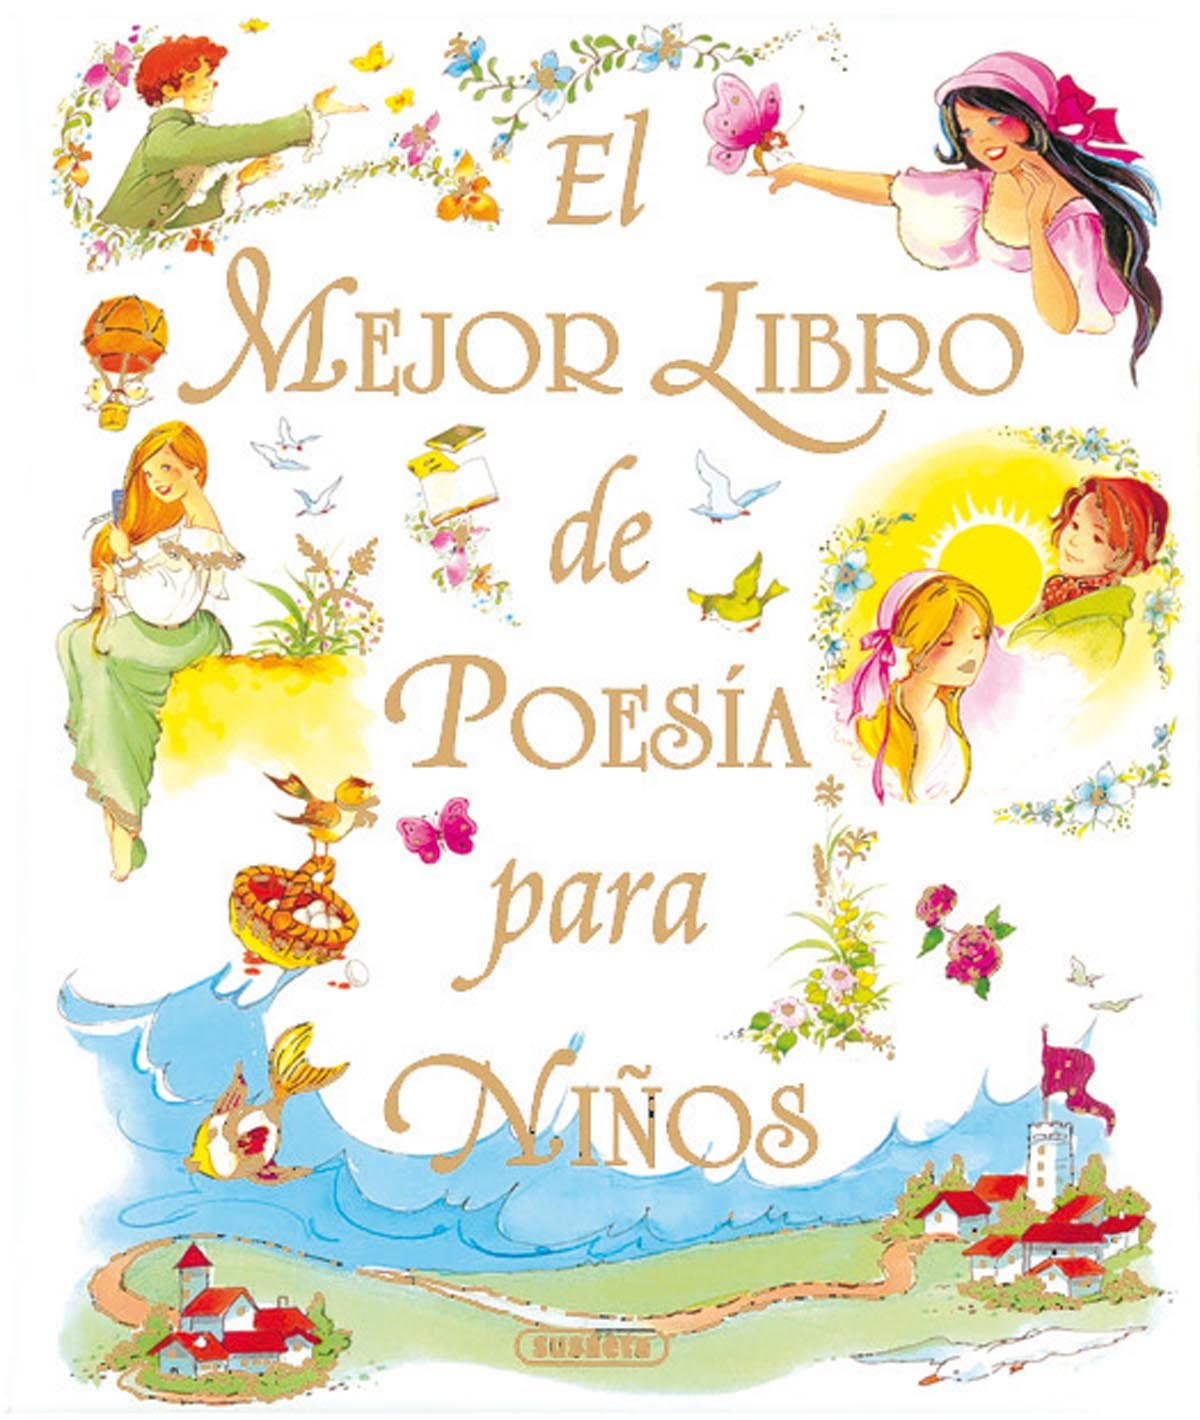 Resultado de imagen de fotos del mejor libro de poesias para niños editorial susaeta